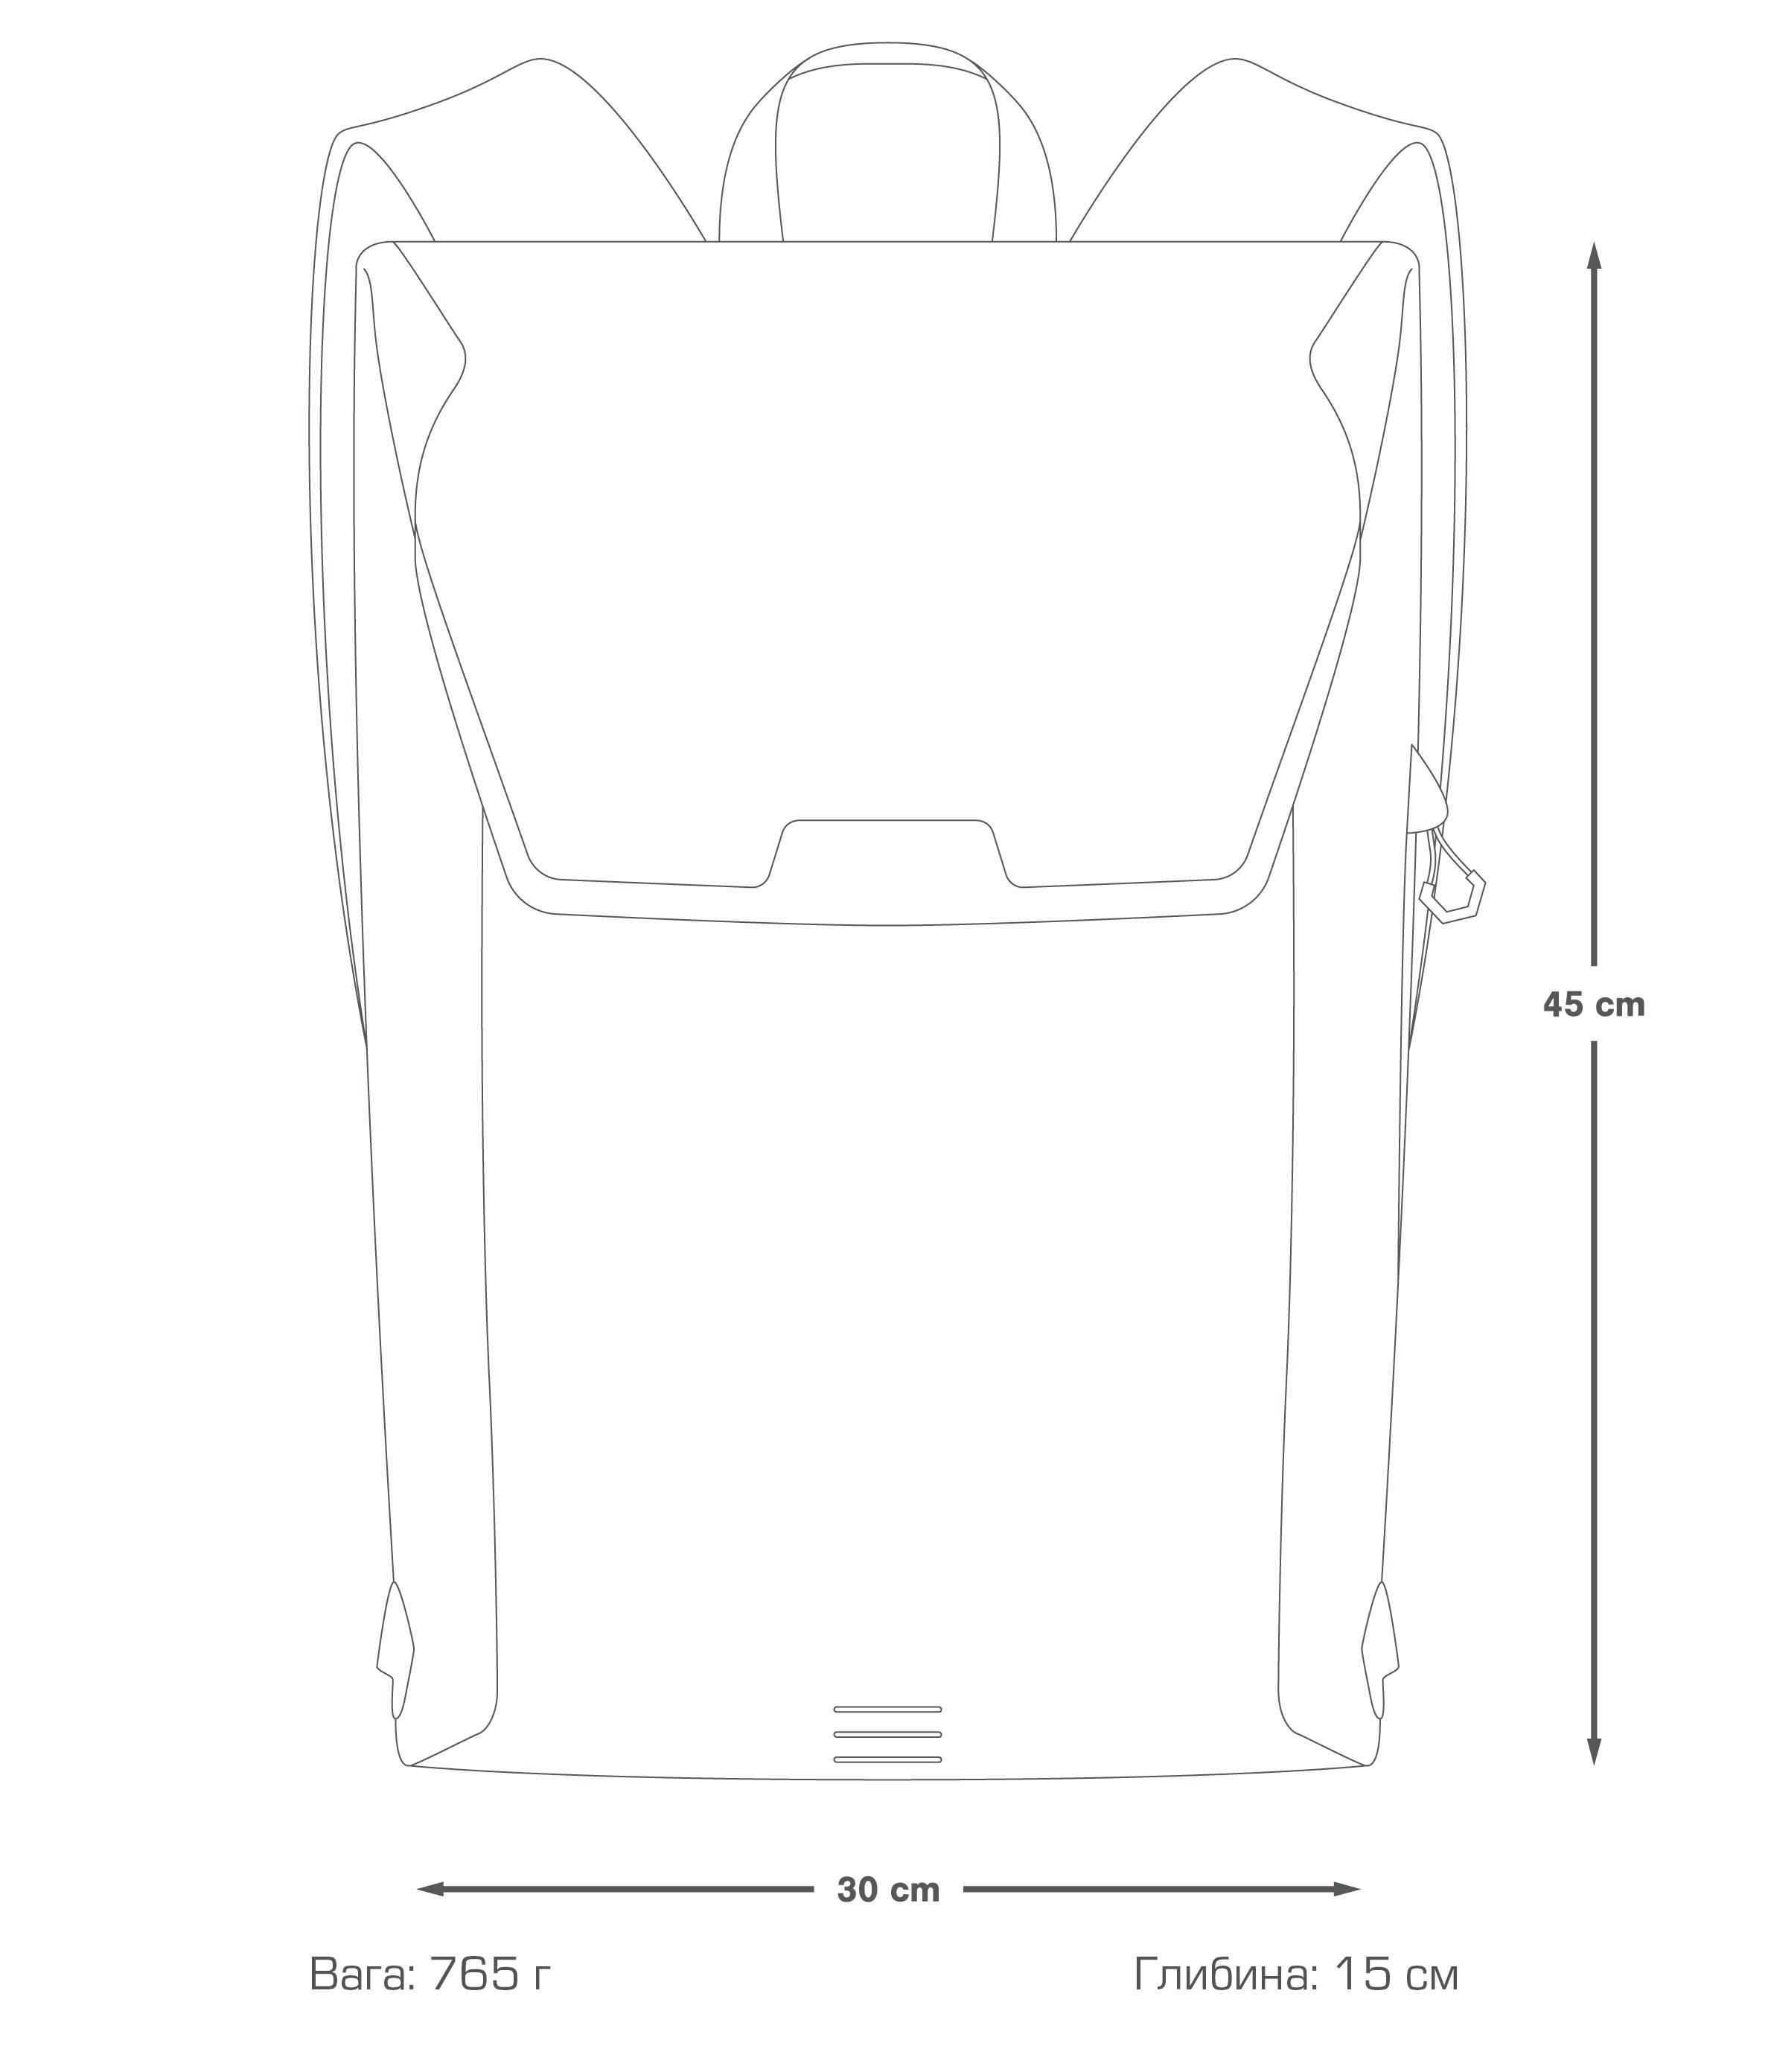 сity backpack 17L